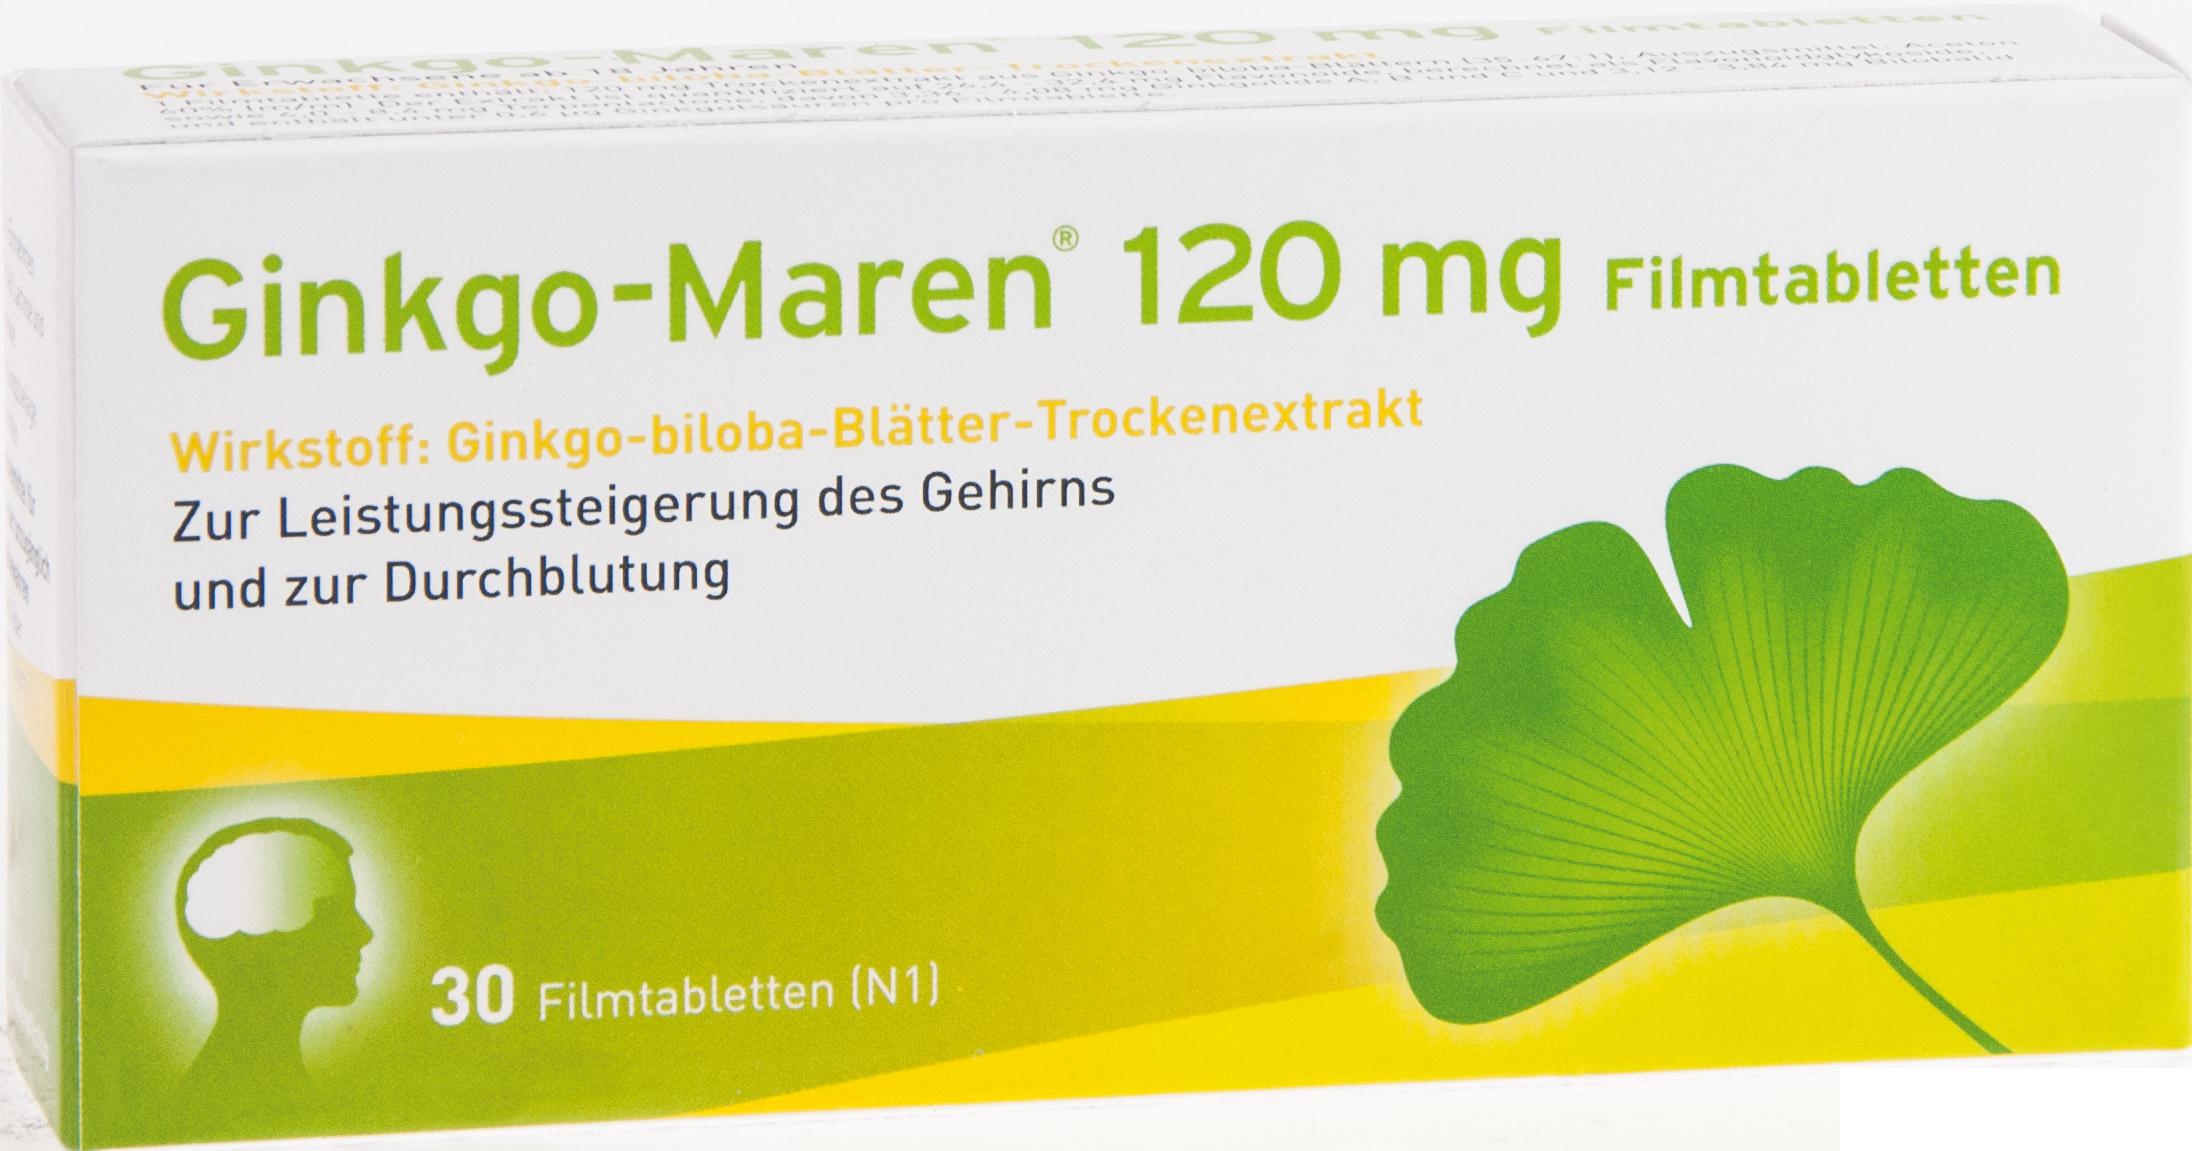 Ginkgo-Maren 120mg Filmtabletten